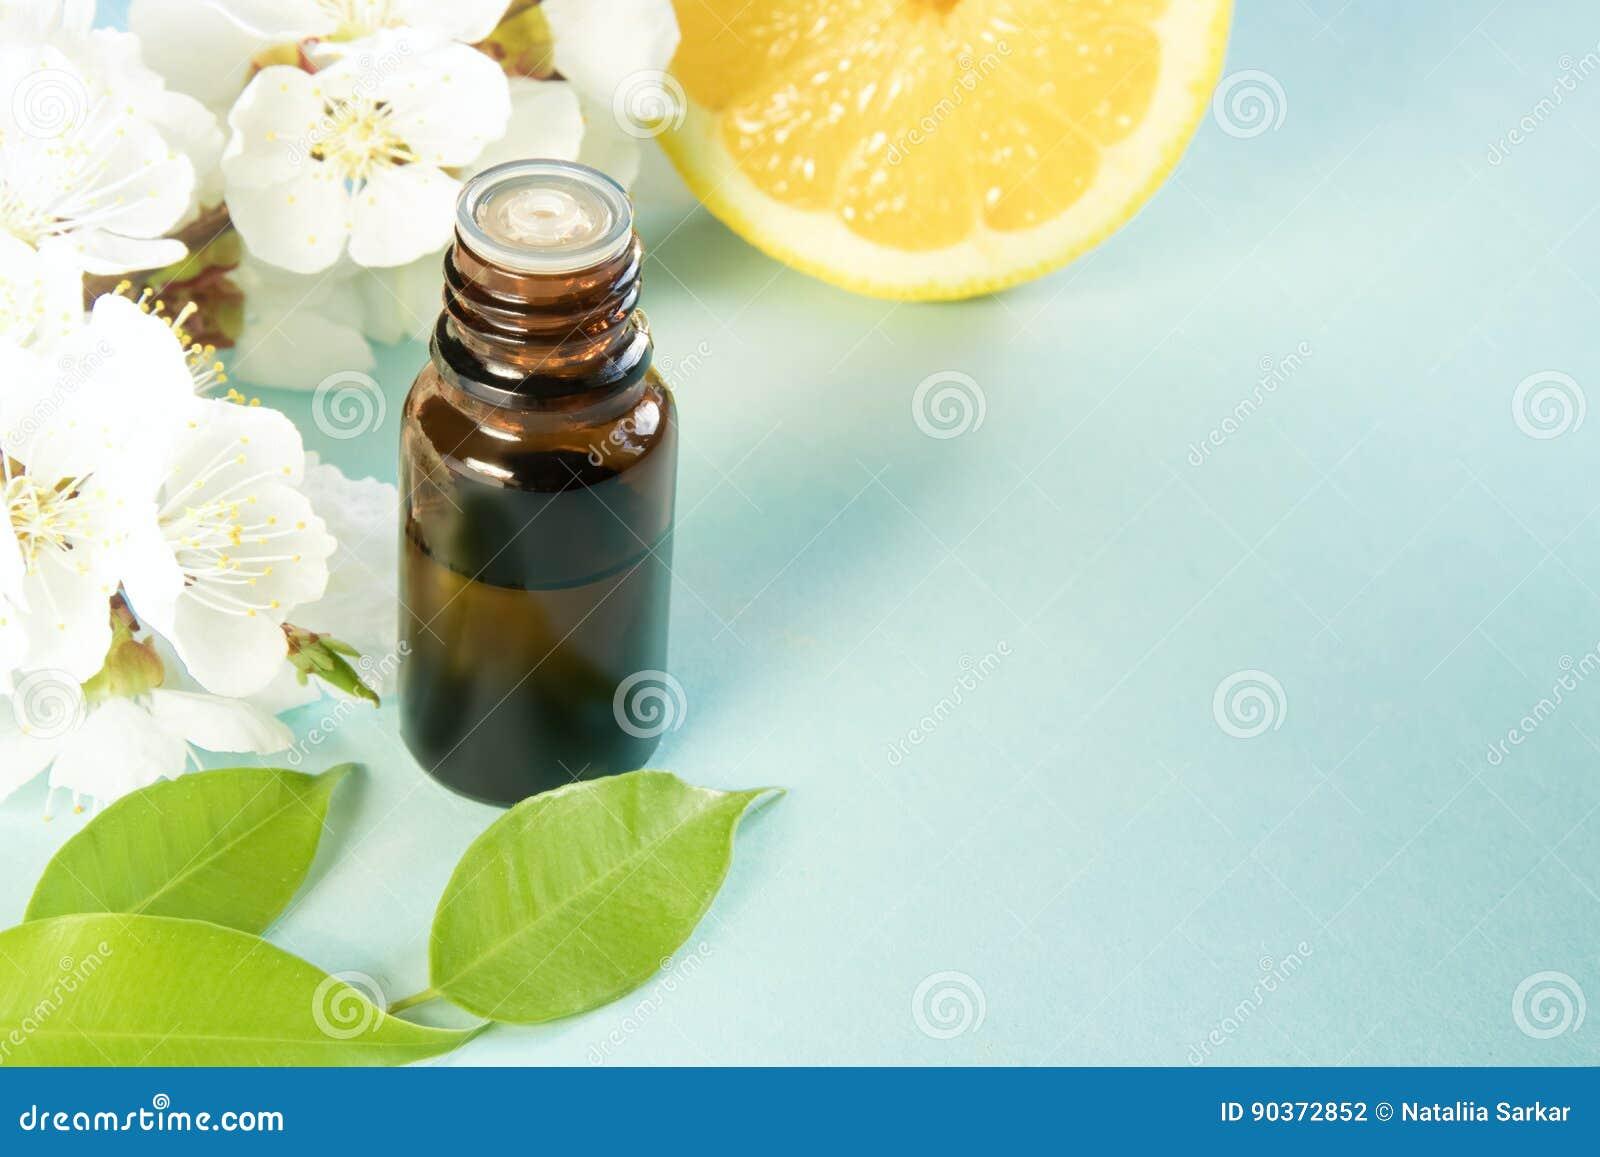 De lente aromatherapy met citrusvrucht en etherische oliën